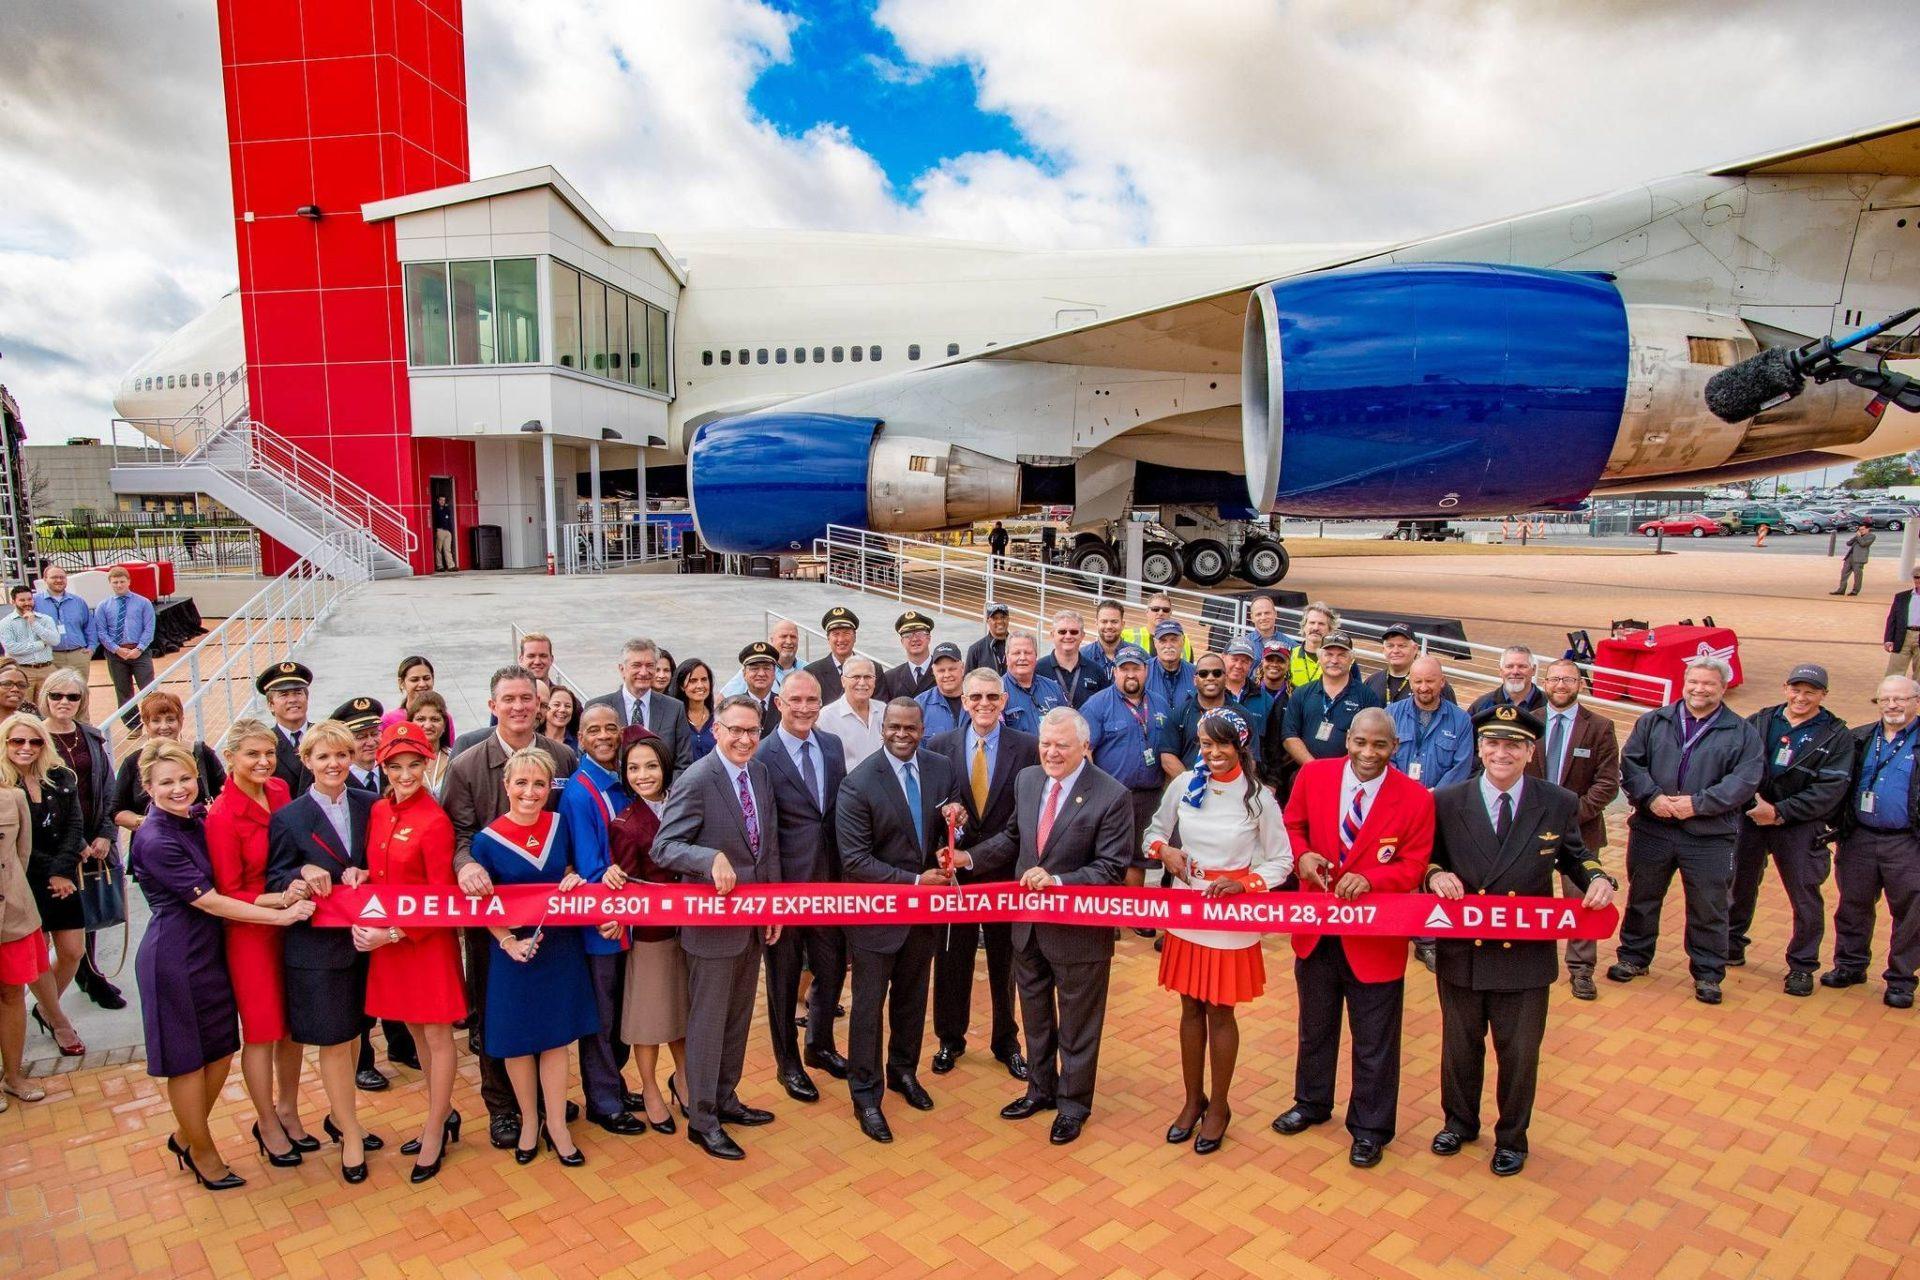 Exposição histórica '747 Experience' é inaugurada no Delta Flight Museum